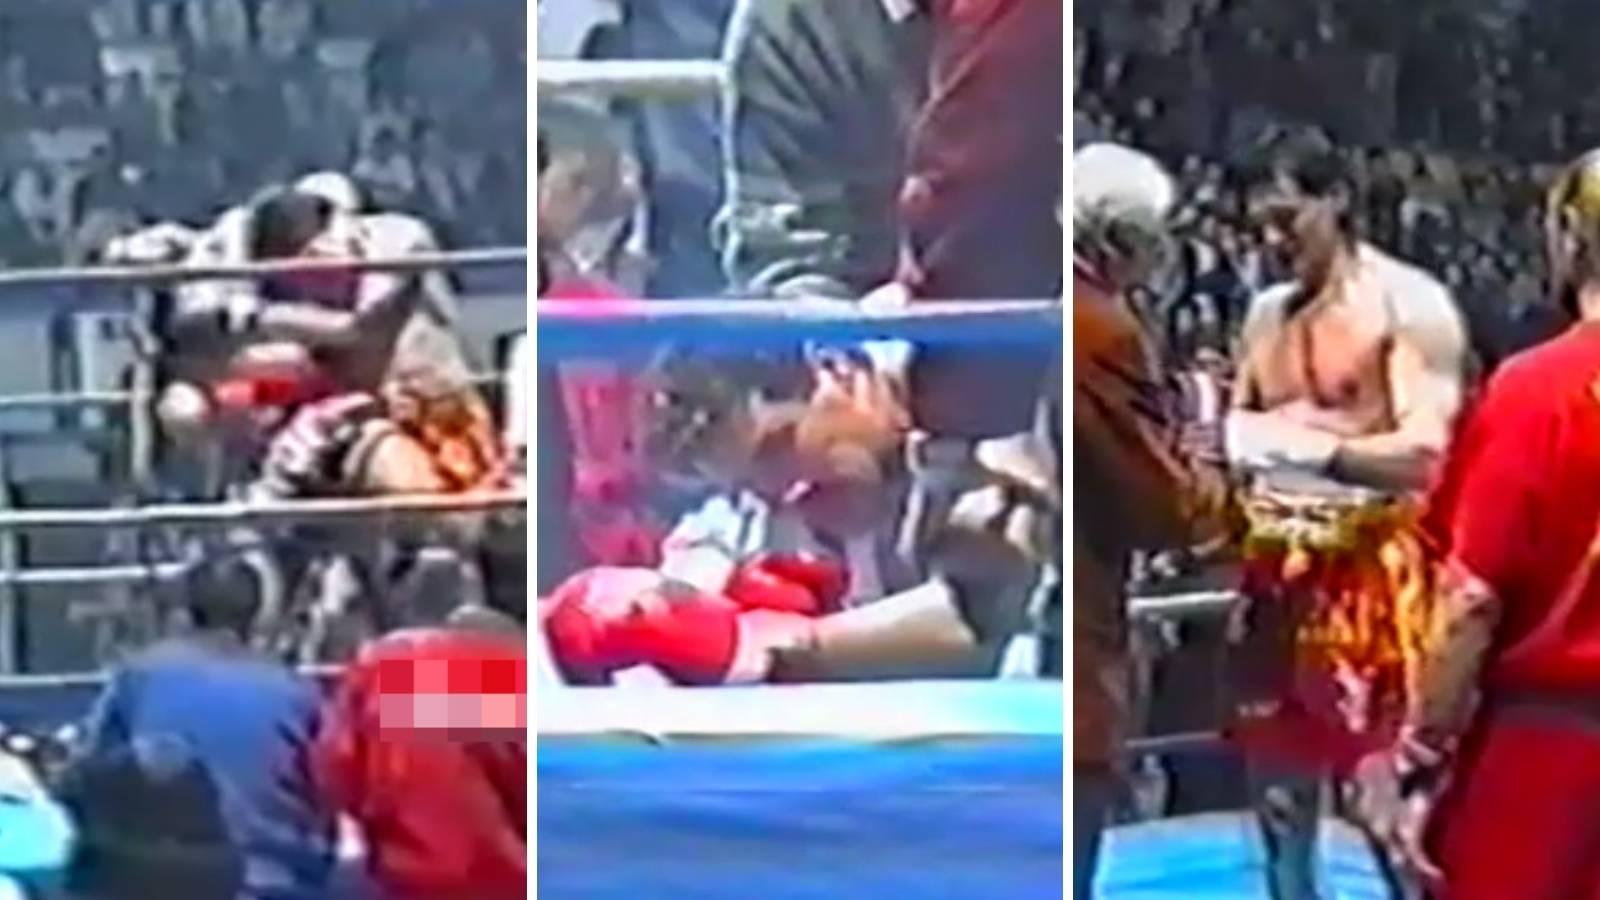 Marokanac nije mogao ustati! Pogledajte kako je Tigar Cikatić izvalio rame protivniku u Ciboni